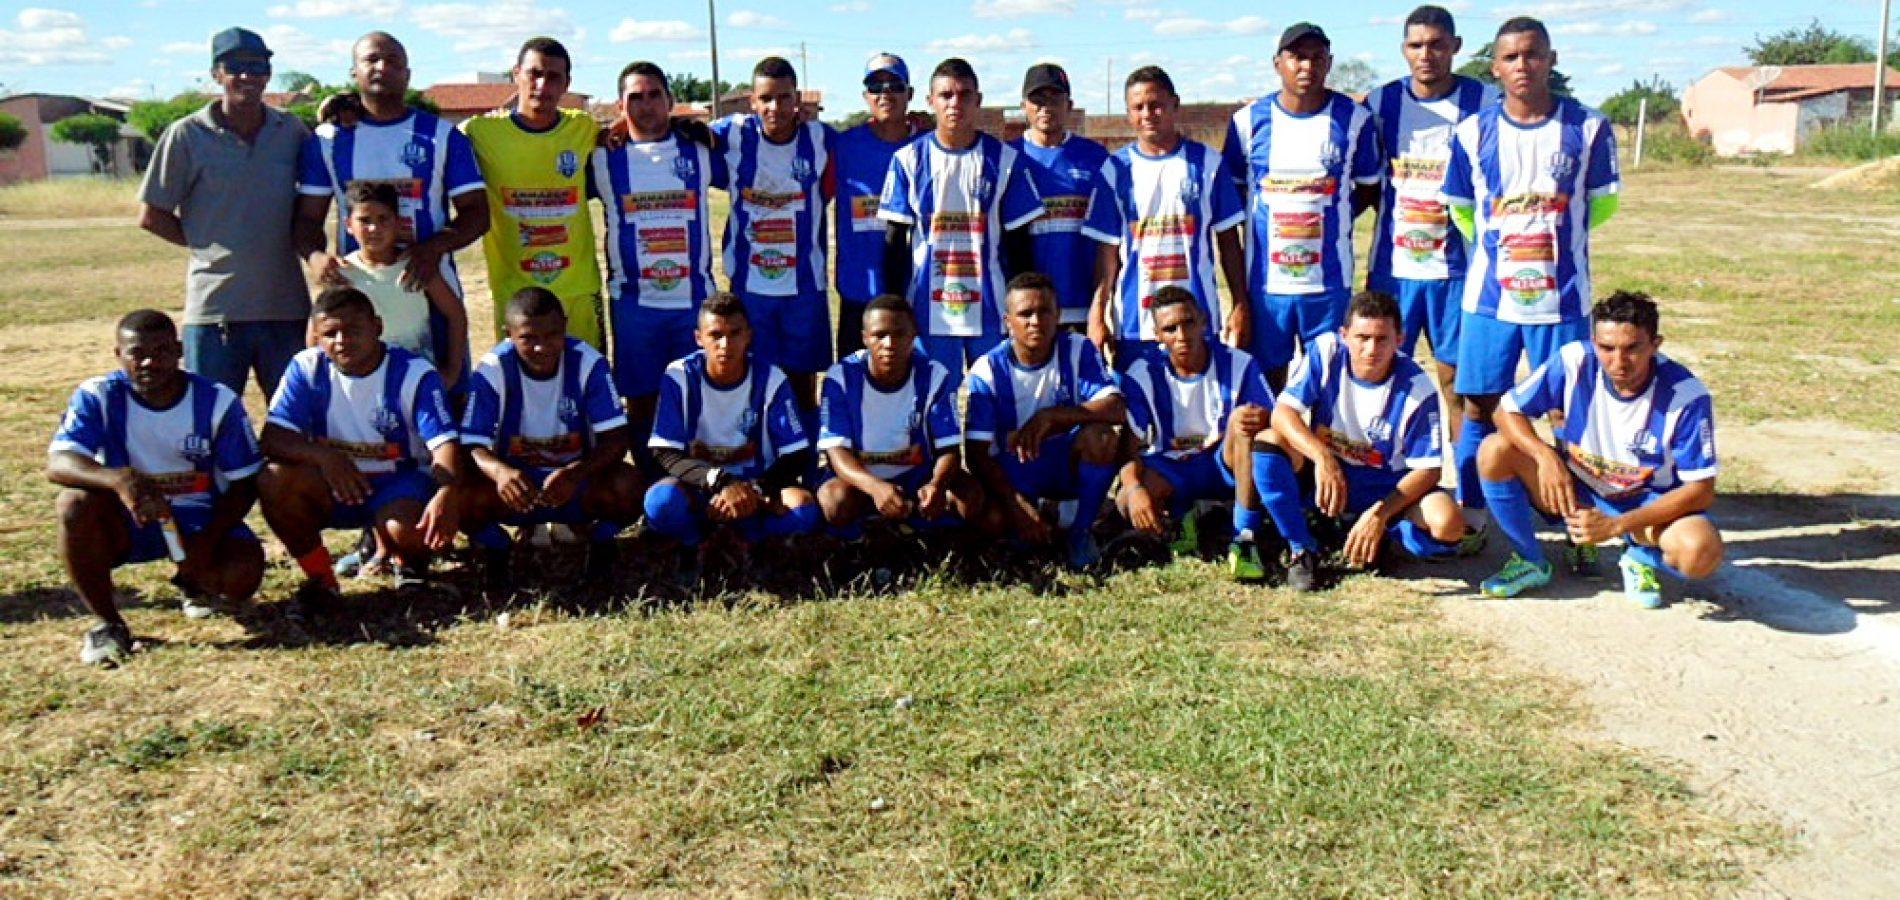 JAICÓS | Veja quem lidera a Copa Galo após 15 jogos